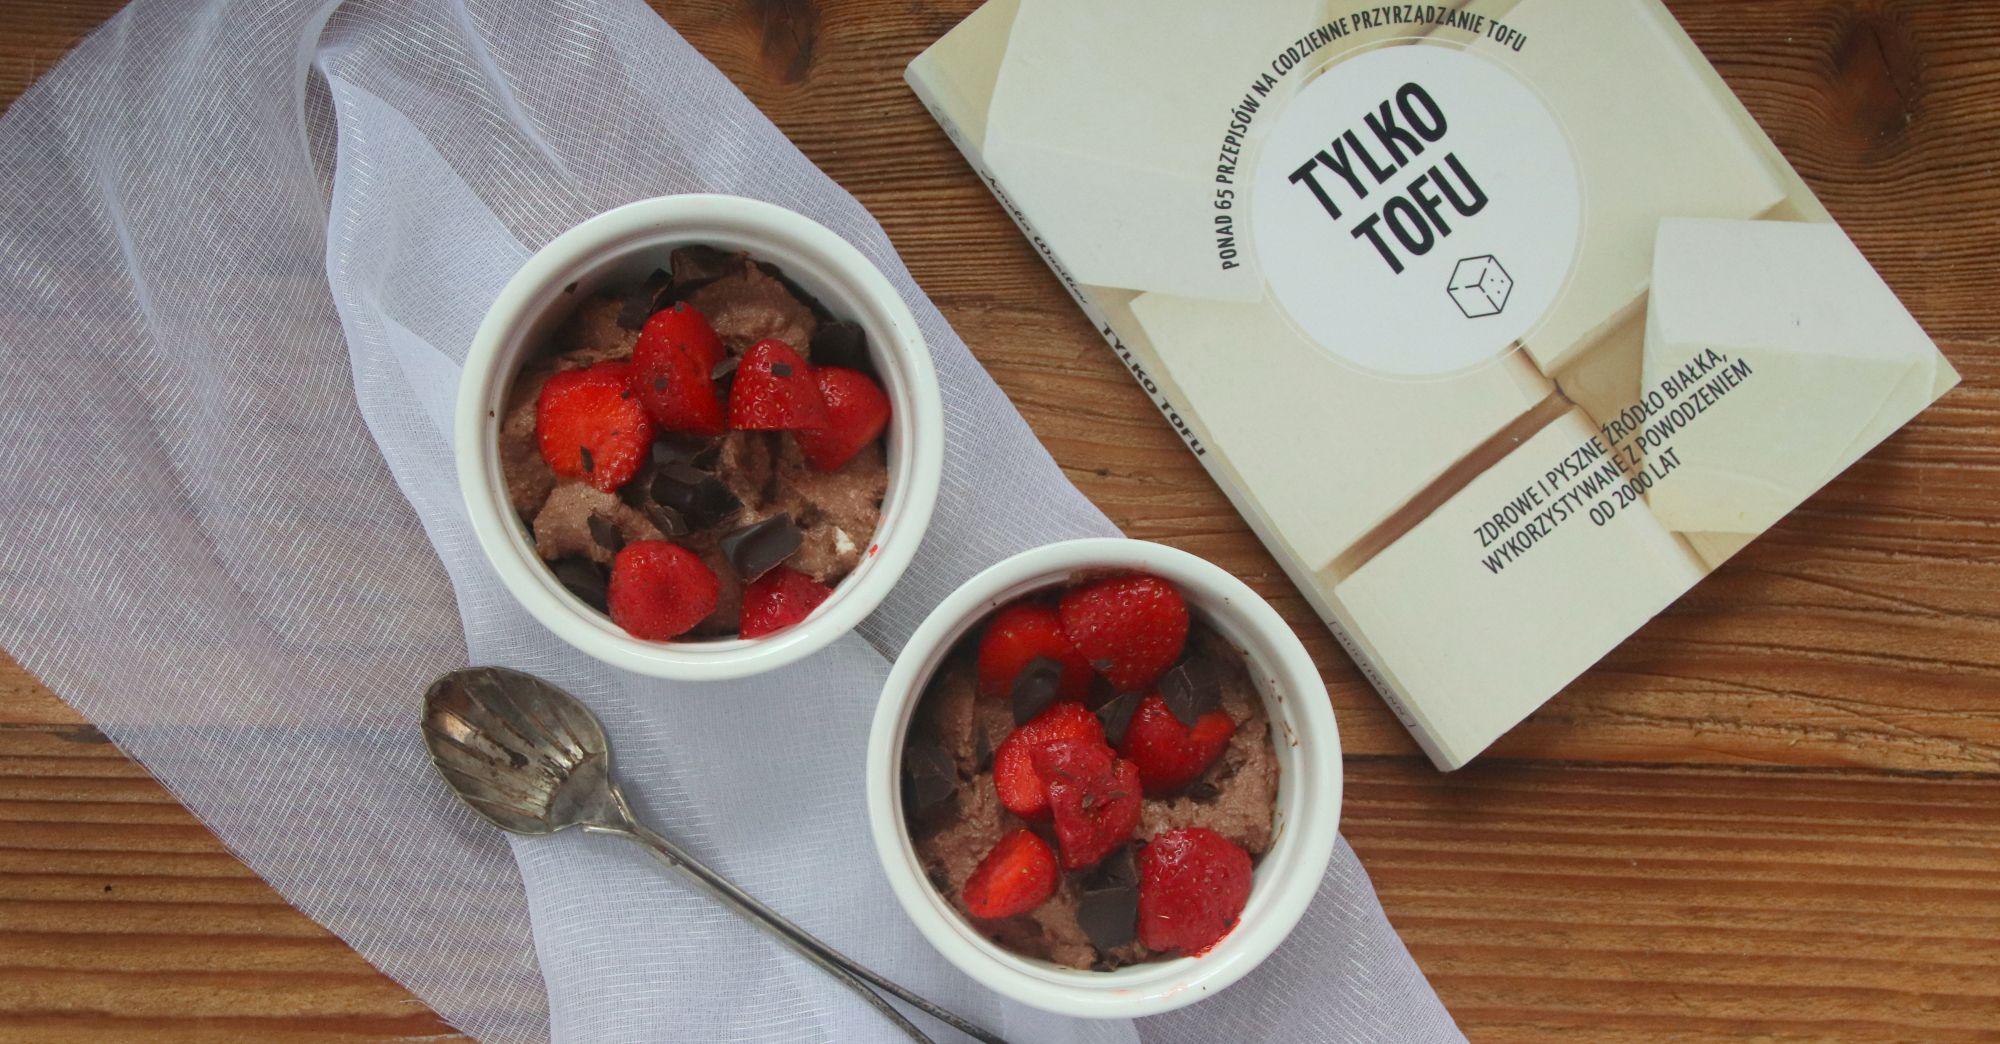 """Jak przygotować tofu? Recenzja książki """"Tylko tofu"""" Amelii Wasiliev"""